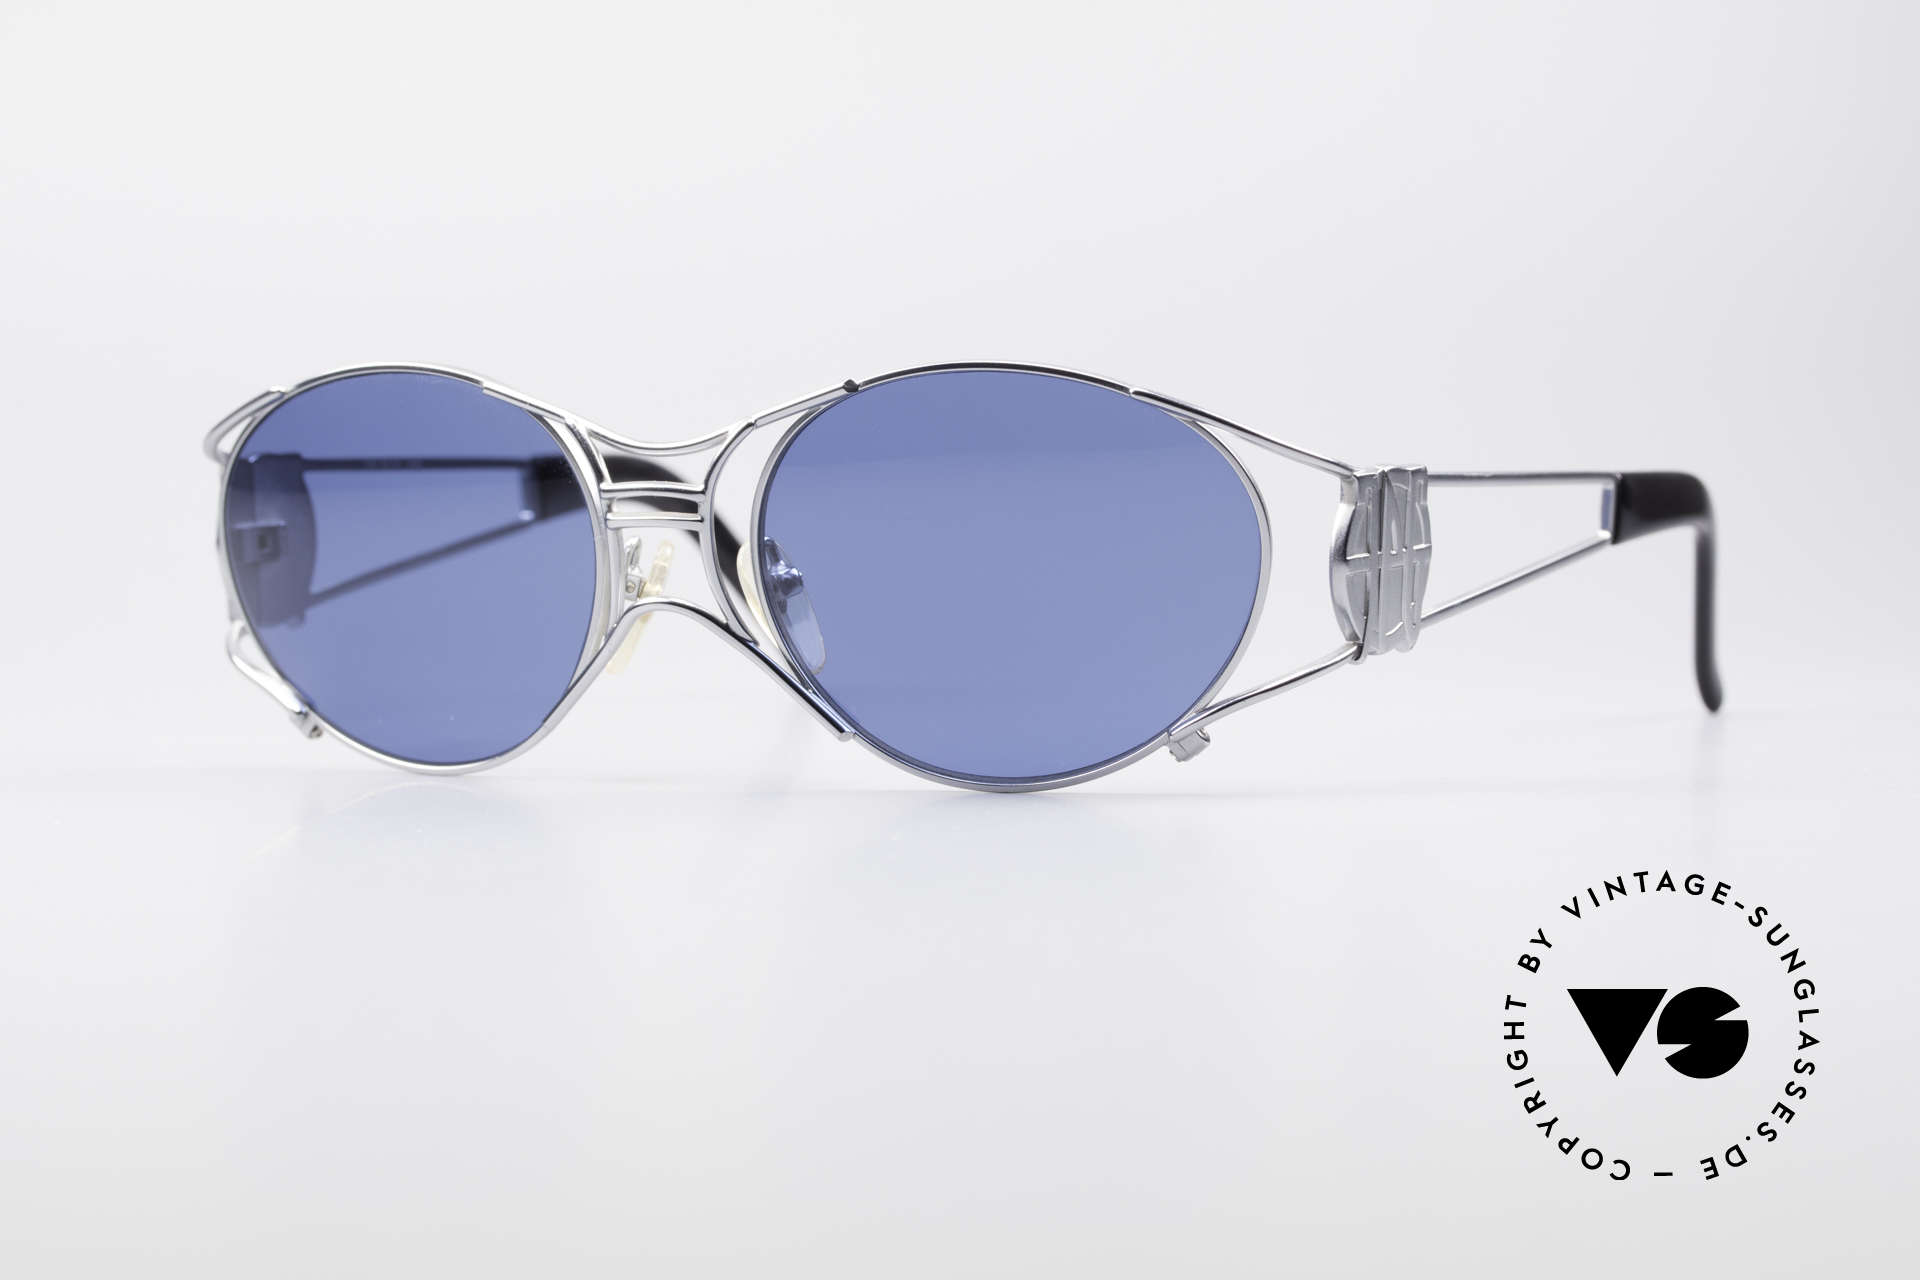 Jean Paul Gaultier 58-6101 JPG Steampunk Sonnenbrille, seltene Jean Paul GAULTIER Designer-Sonnenbrille, Passend für Herren und Damen